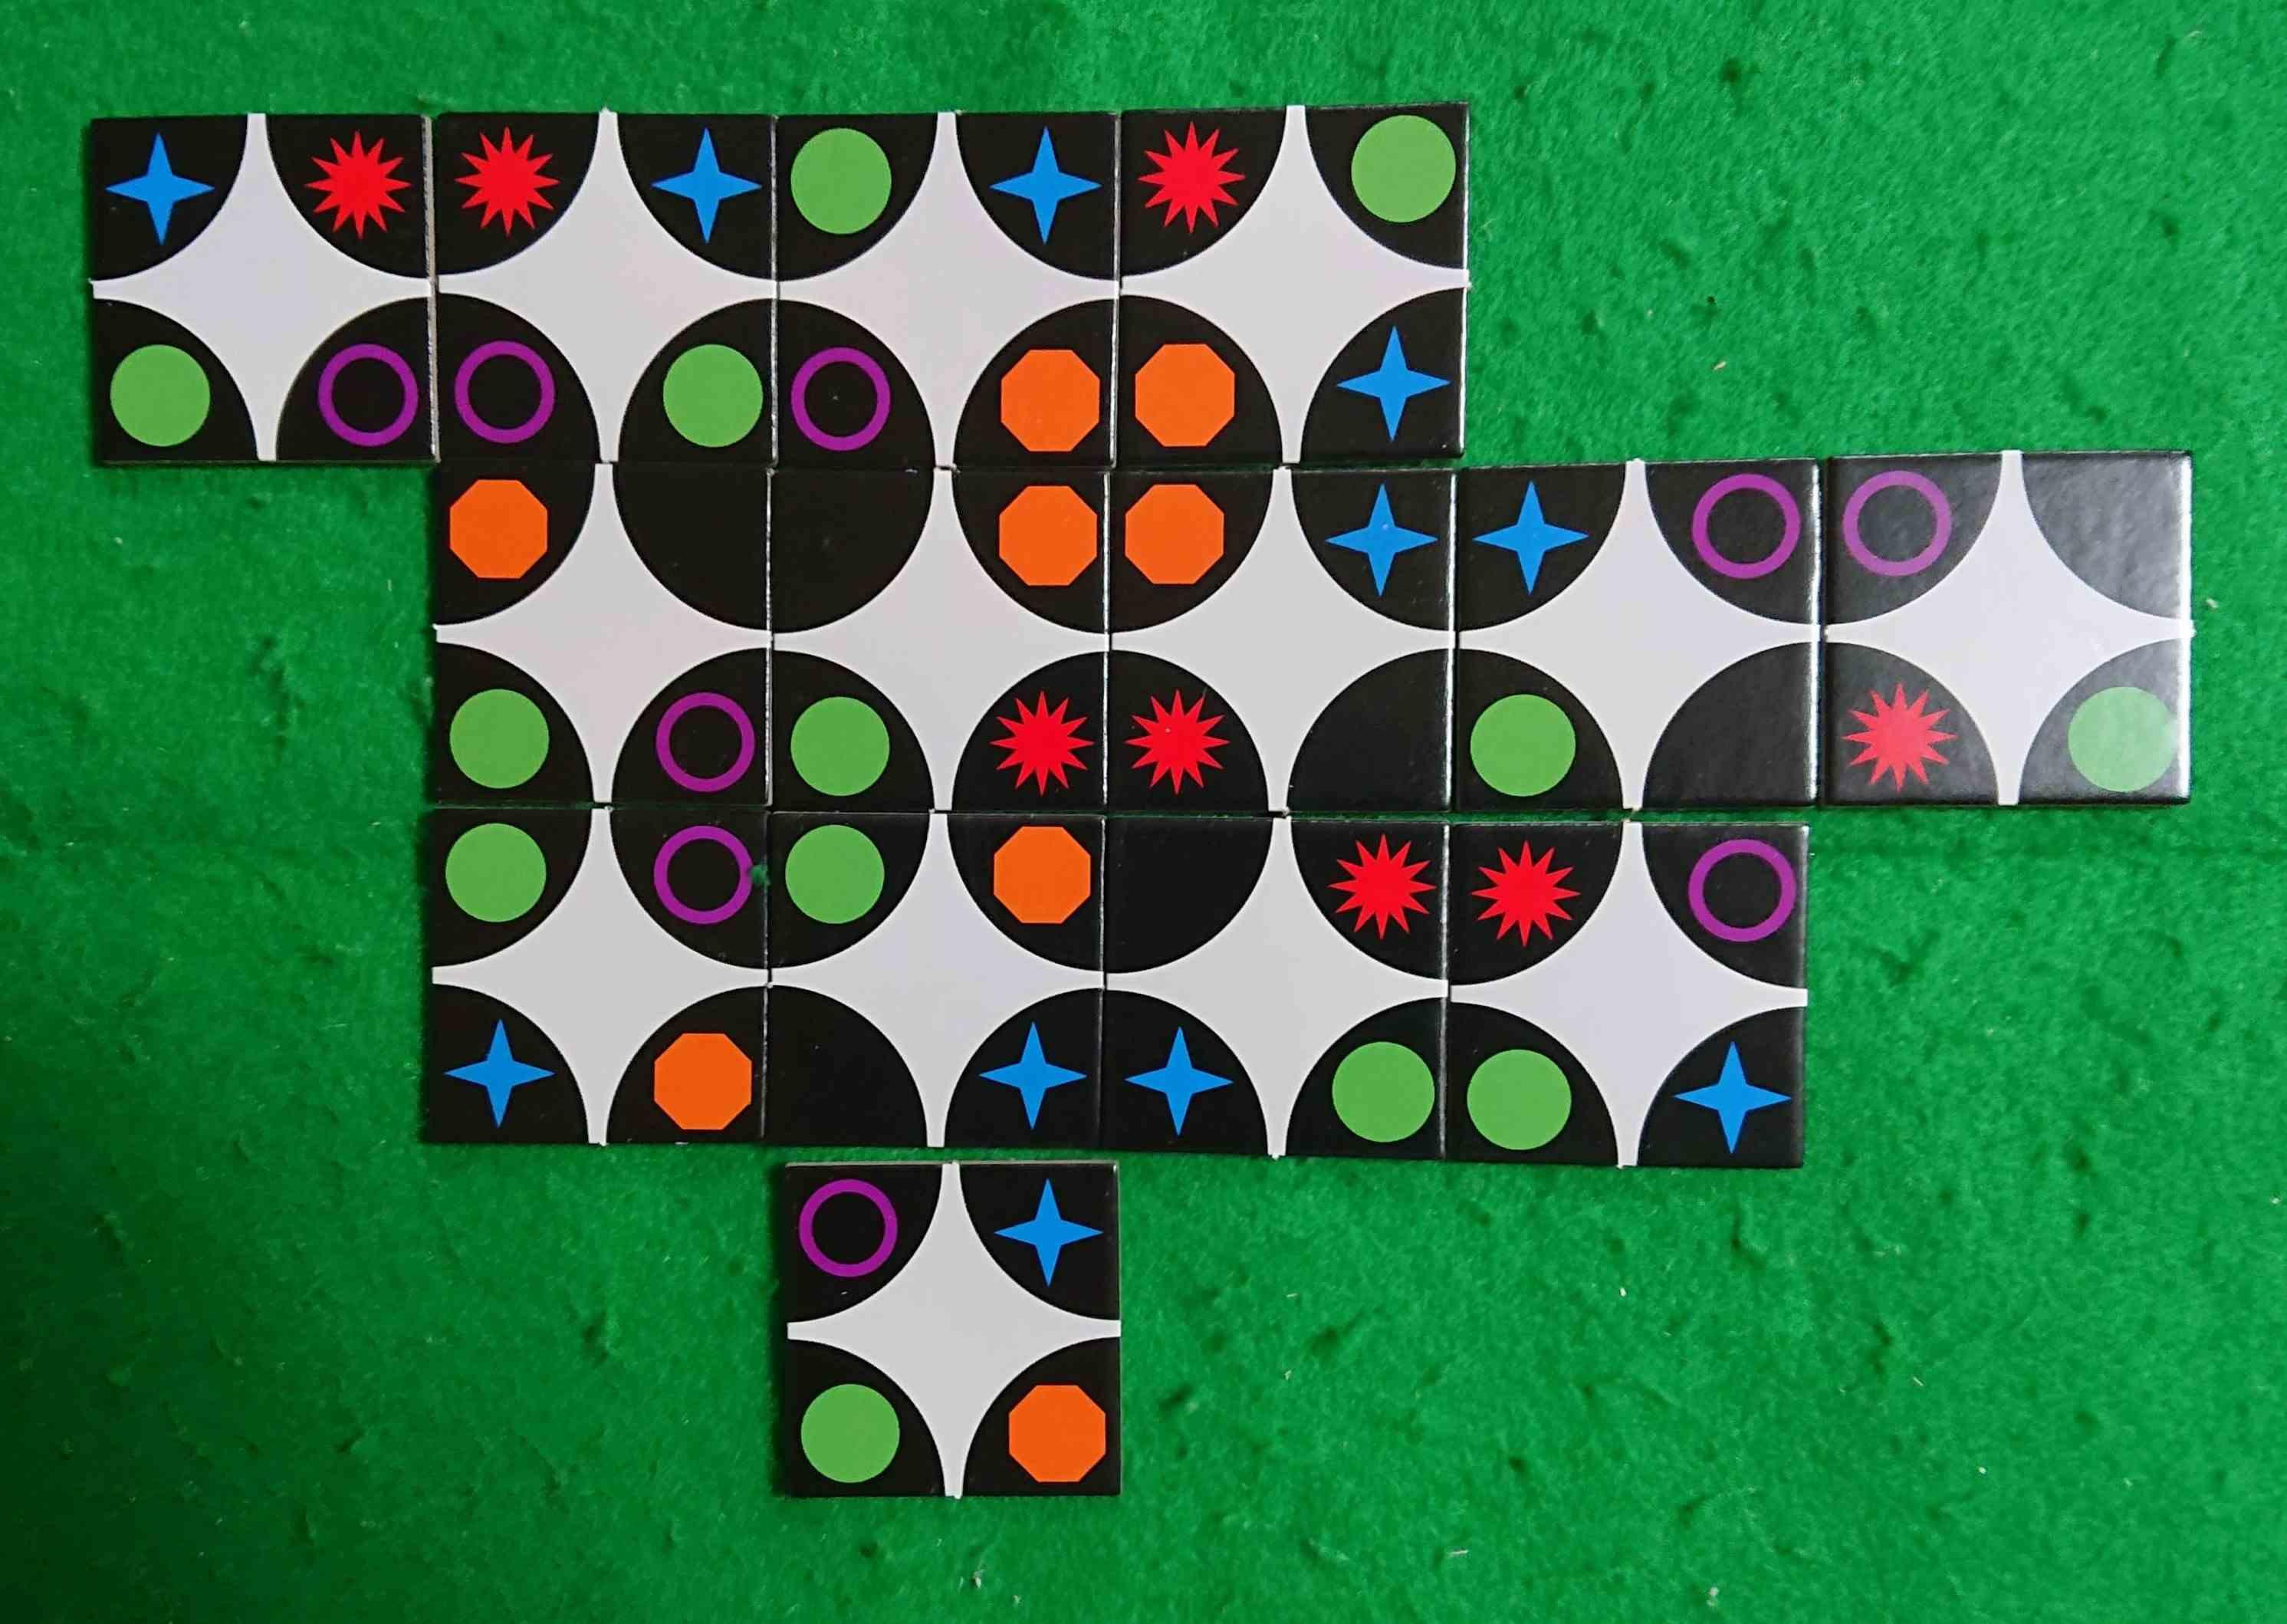 AXIOROTA(アクシオロータ) タイルを上手く配置して得点を稼げ! パズル系 ボードゲーム